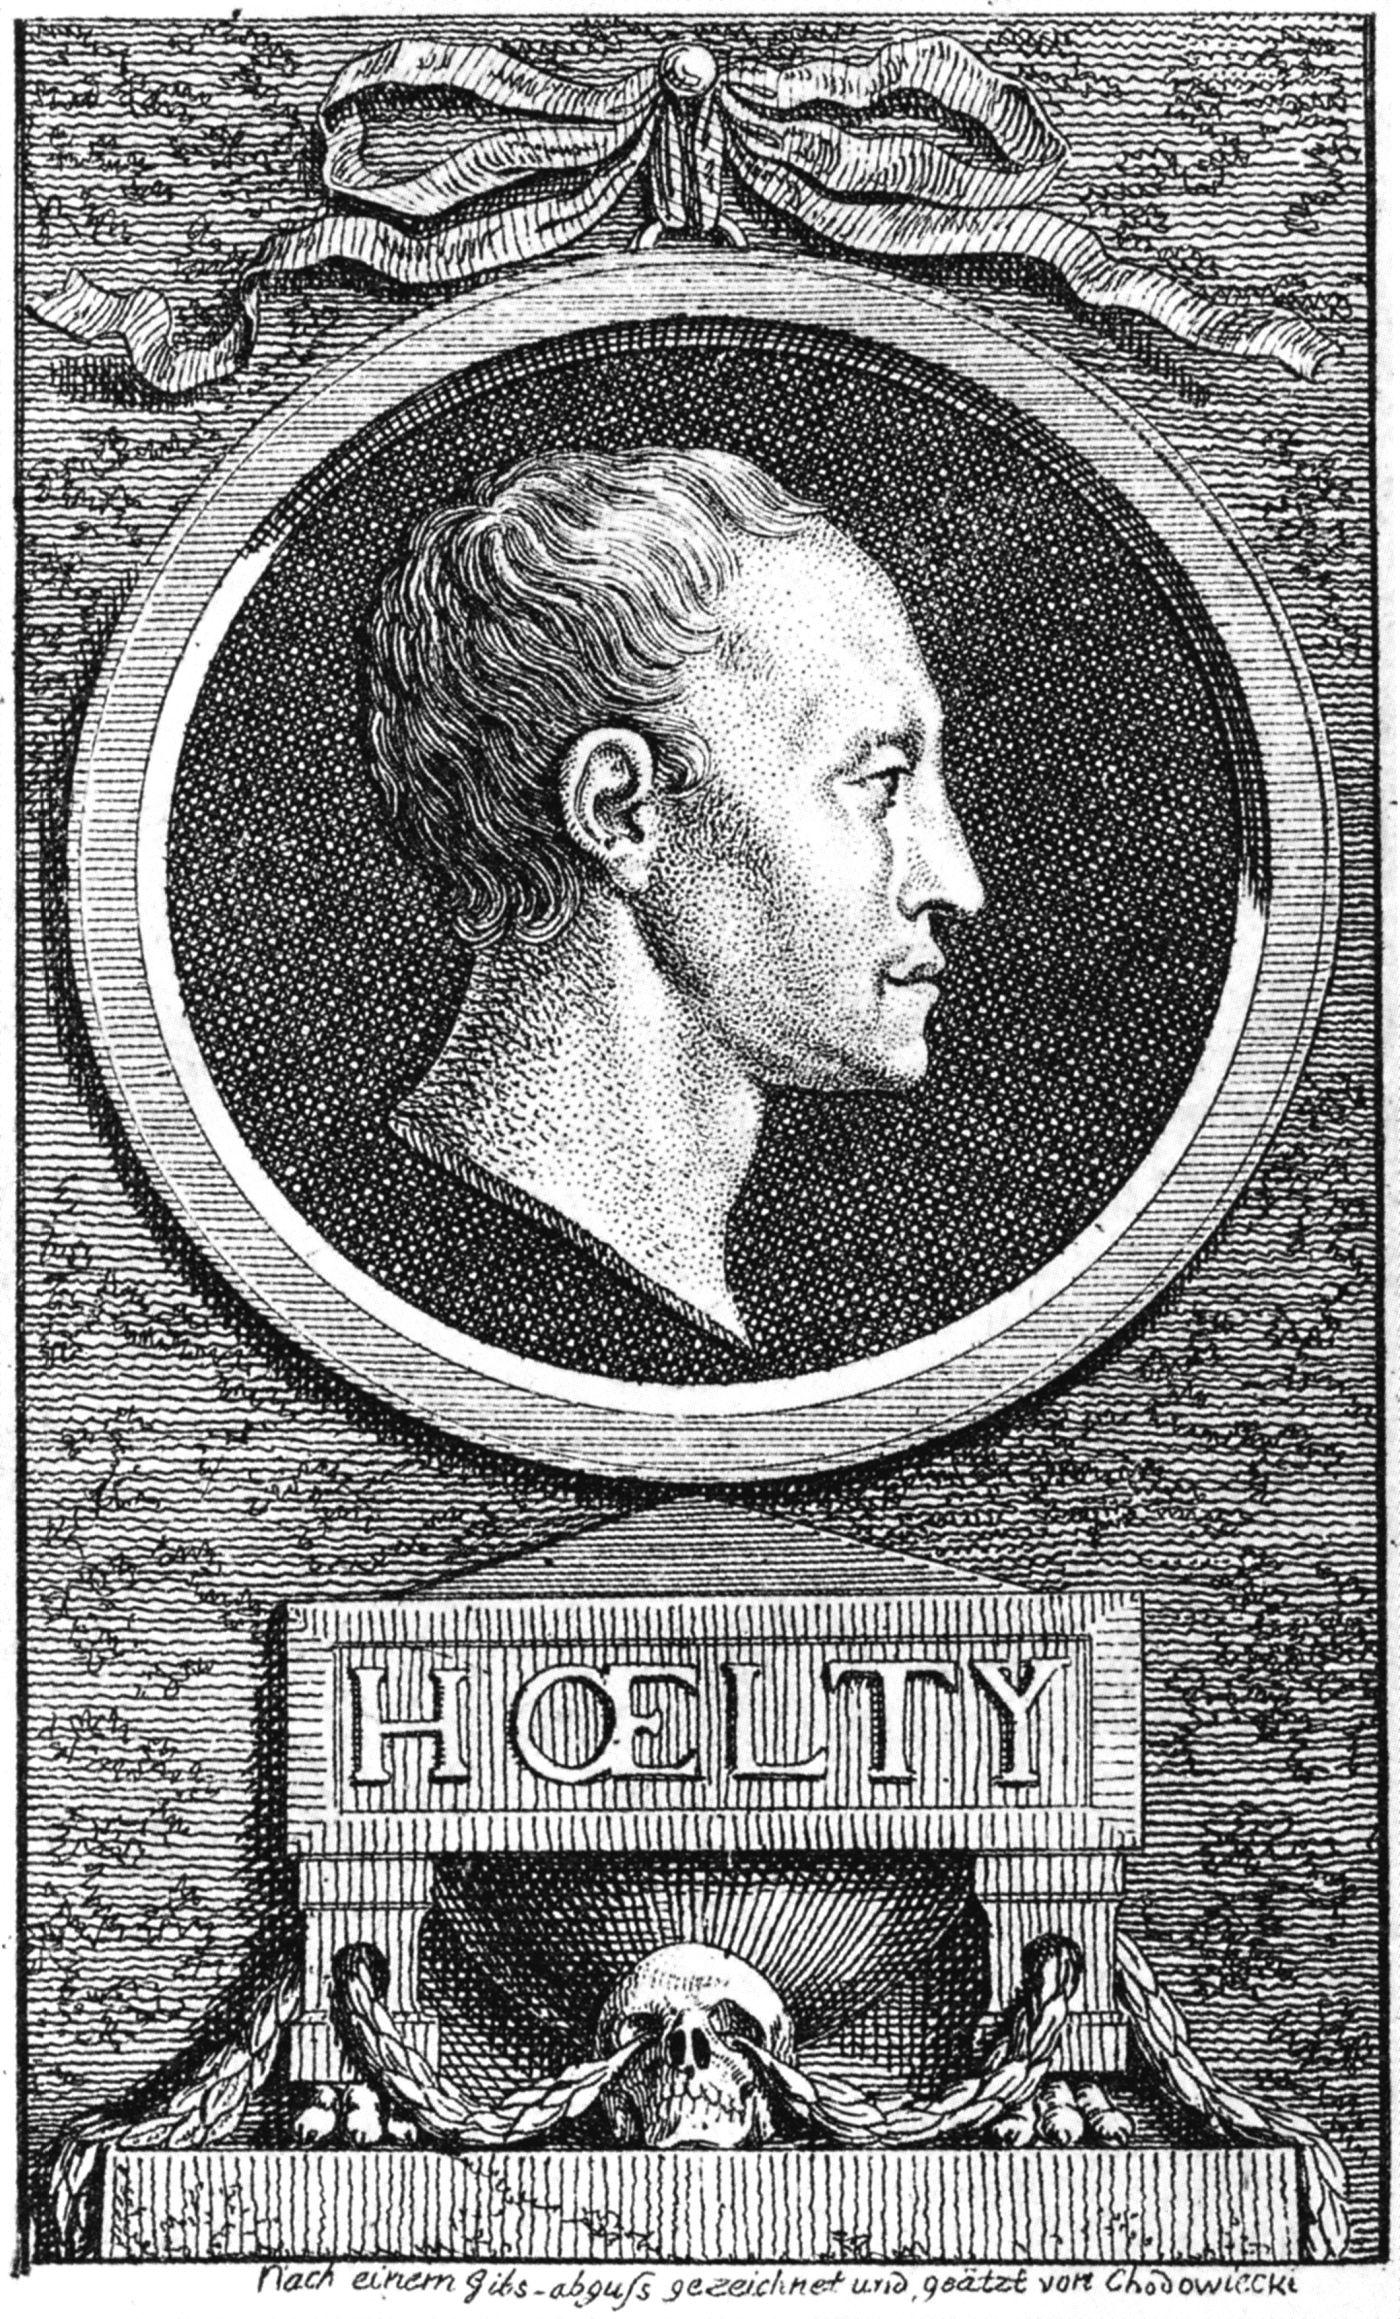 Ludwig Christoph Heinrich Hölty (Radierung von Daniel Chodowiecki, 1777)